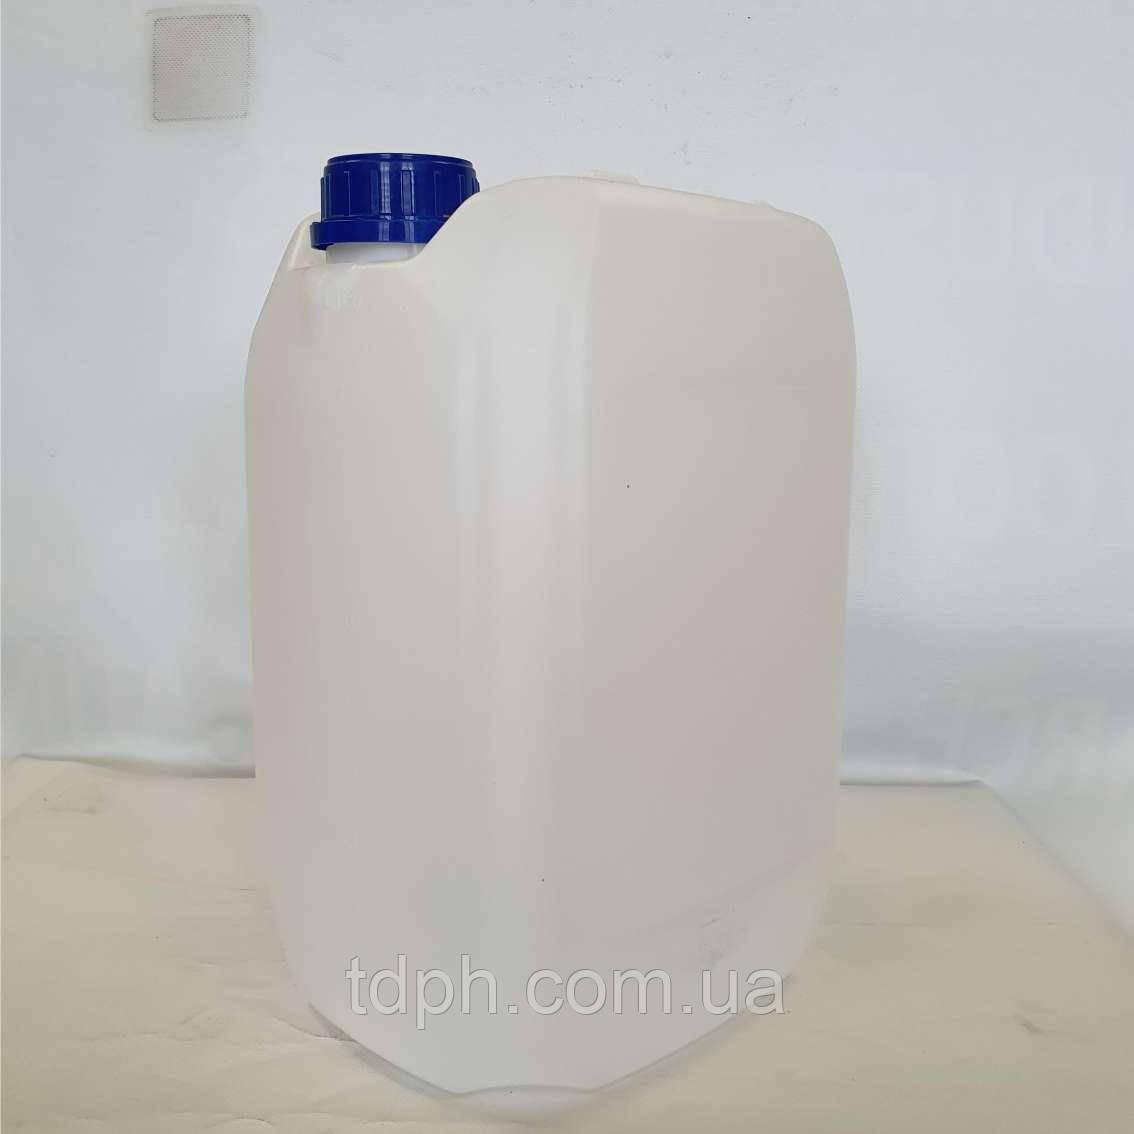 Пластиковая Канистра 10л с крышкой